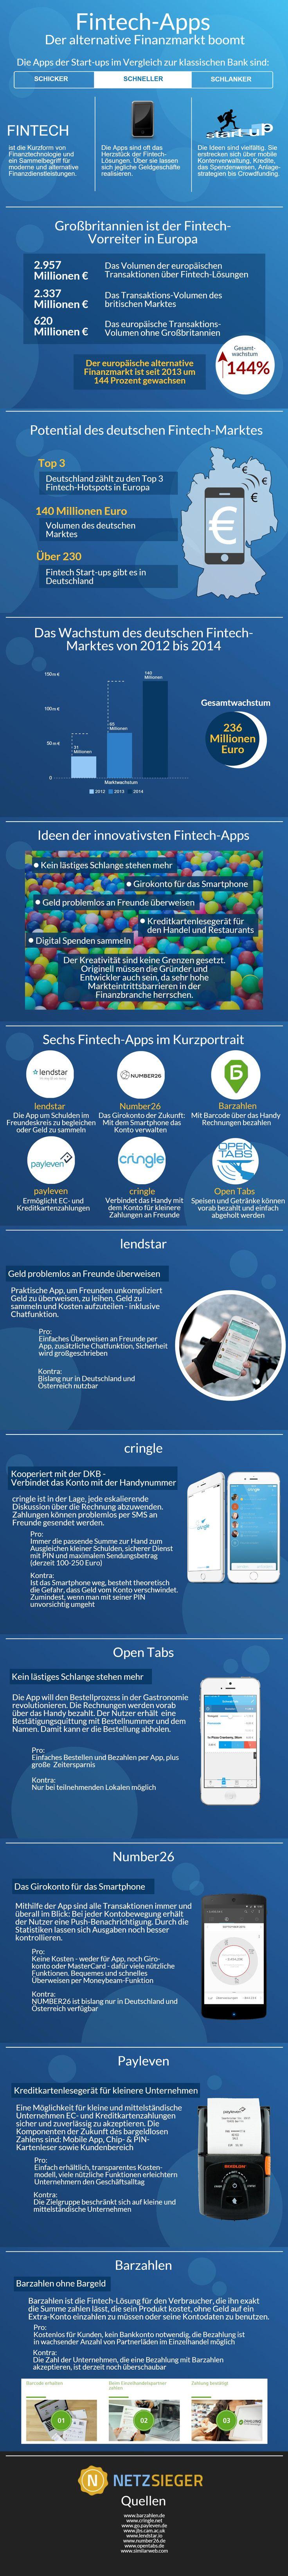 Infografik fintech-apps